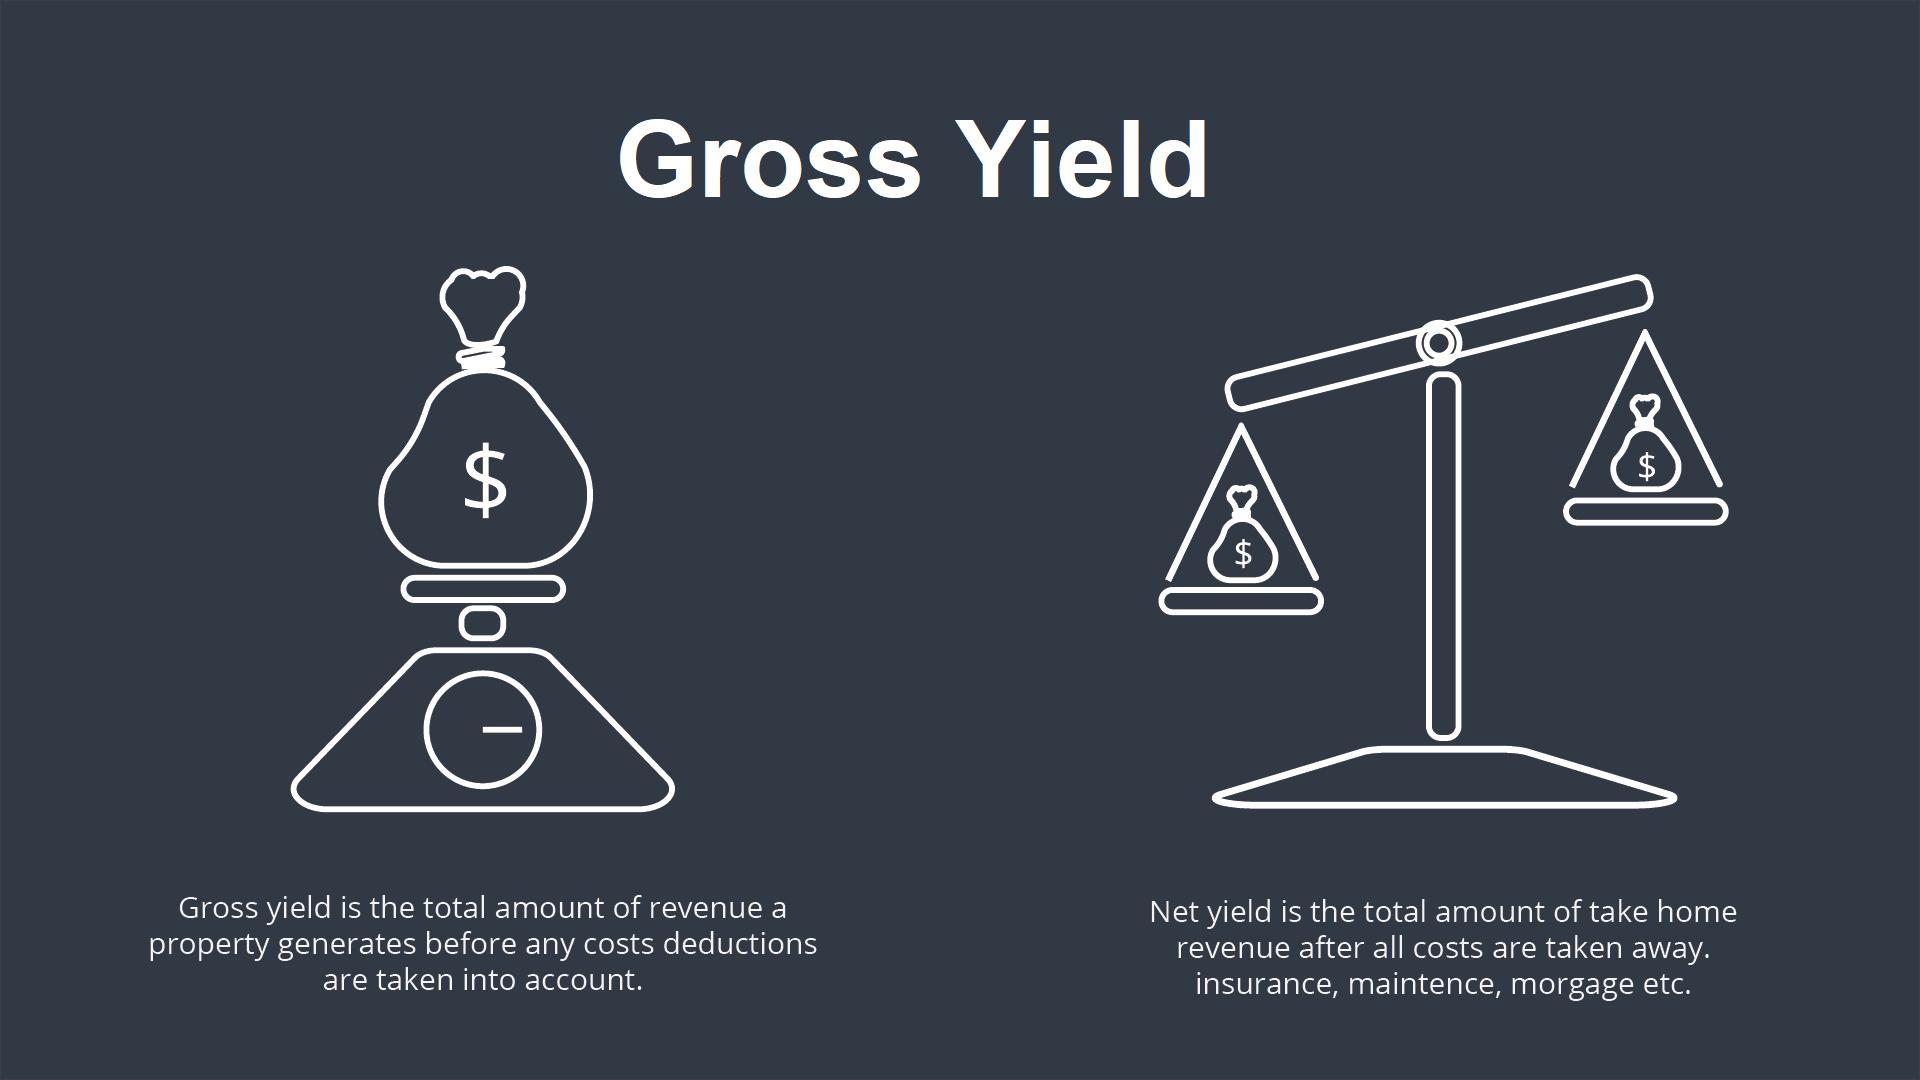 Lợi suất gộp (Gross Yield) là gì? Lợi suất gộp và các lợi suất của trái phiếu  - Ảnh 1.